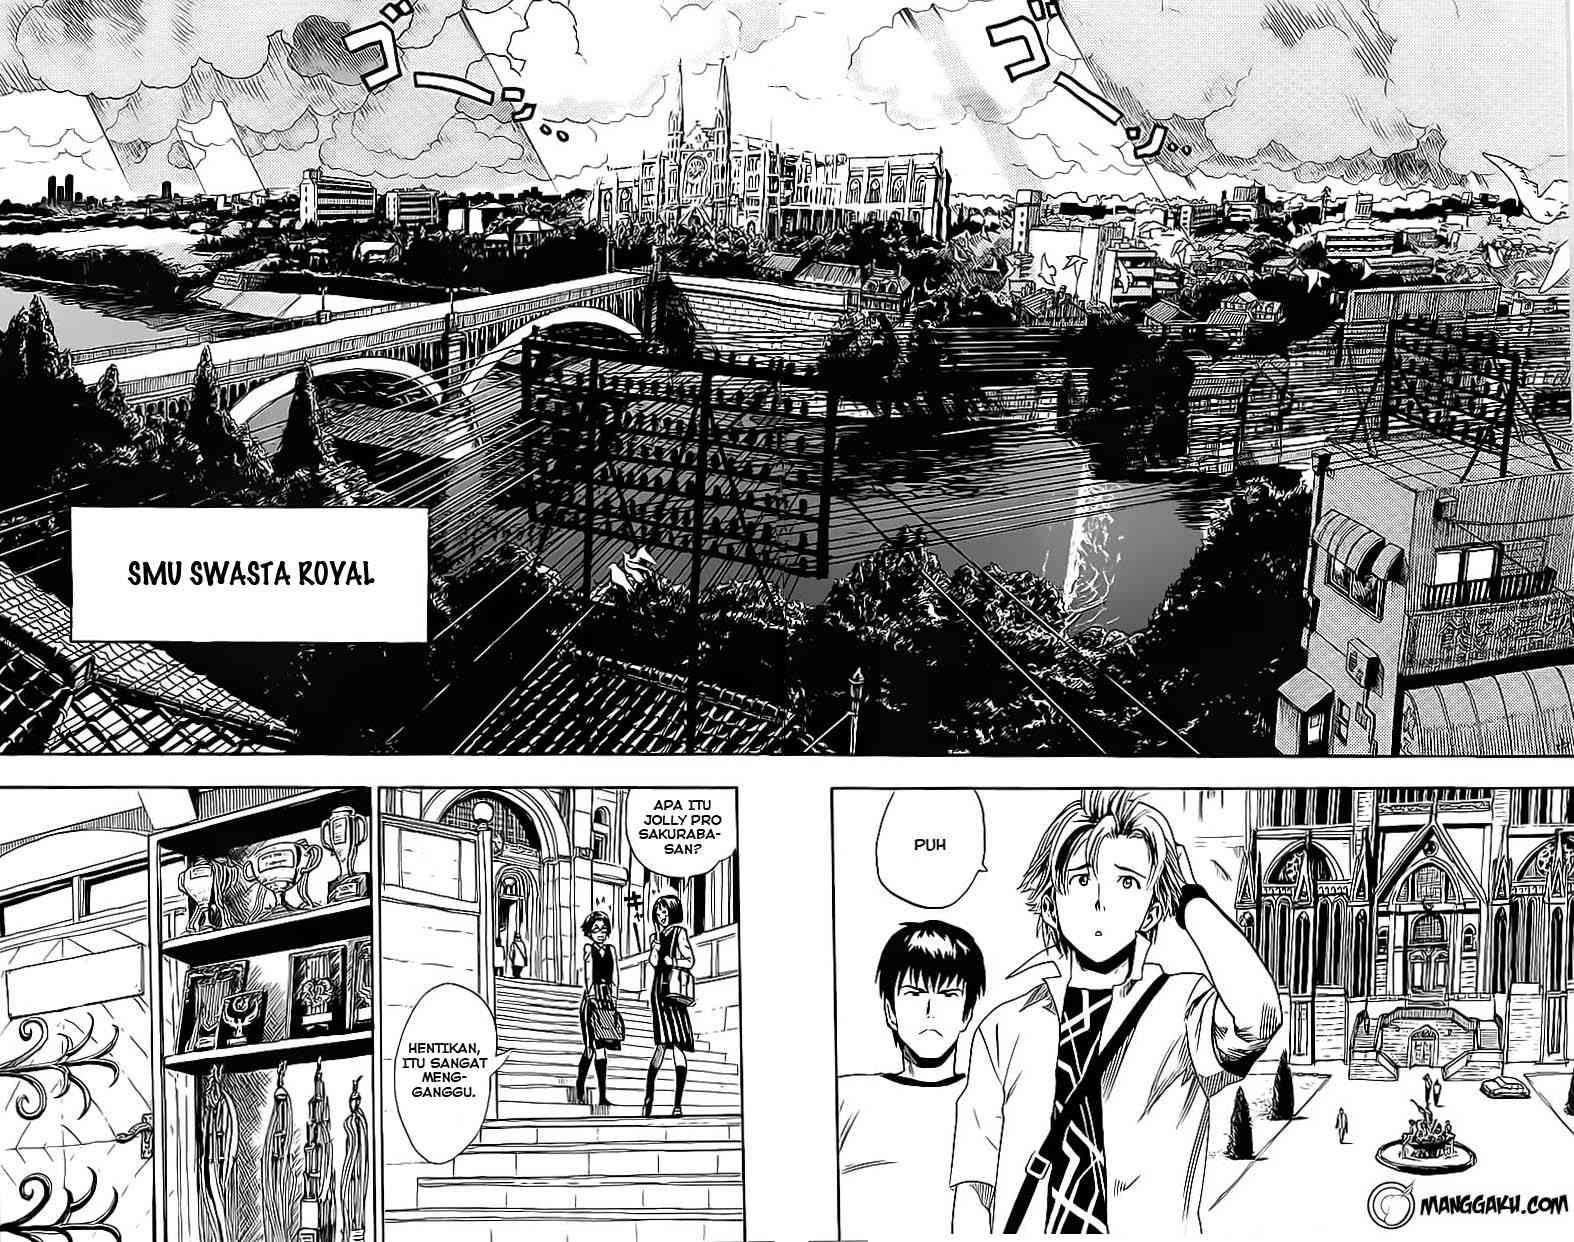 Komik eyeshield 21 008 - tangan itu takkan menghentikanku 9 Indonesia eyeshield 21 008 - tangan itu takkan menghentikanku Terbaru 13|Baca Manga Komik Indonesia|